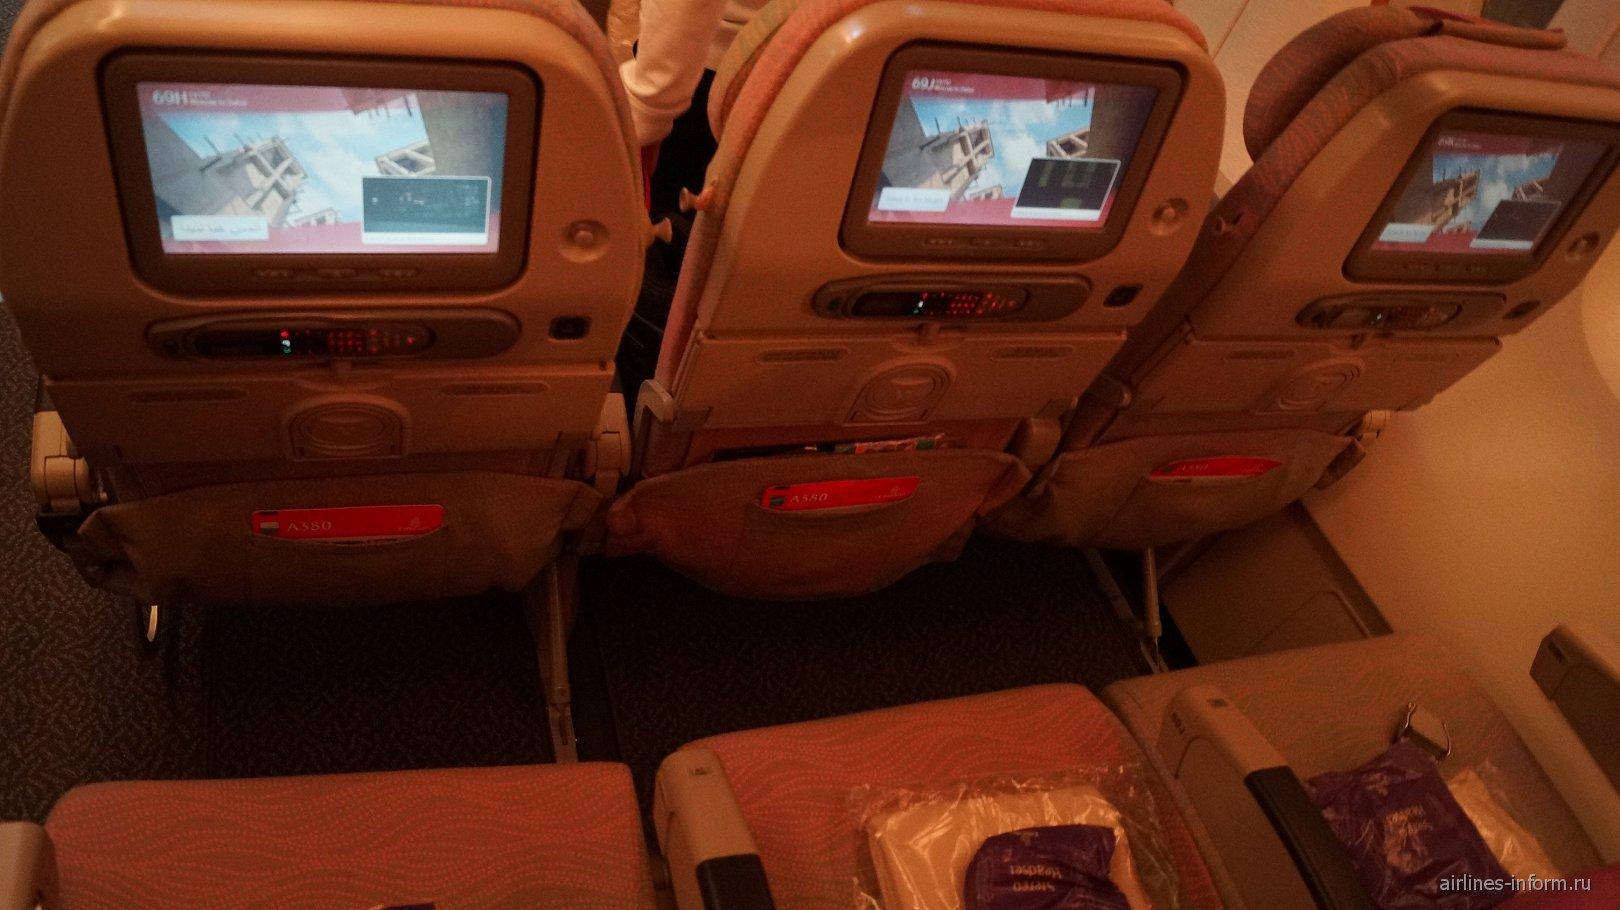 Пассажирские кресла экономического класса в самолете Airbus A380 авиакомпании Emirates